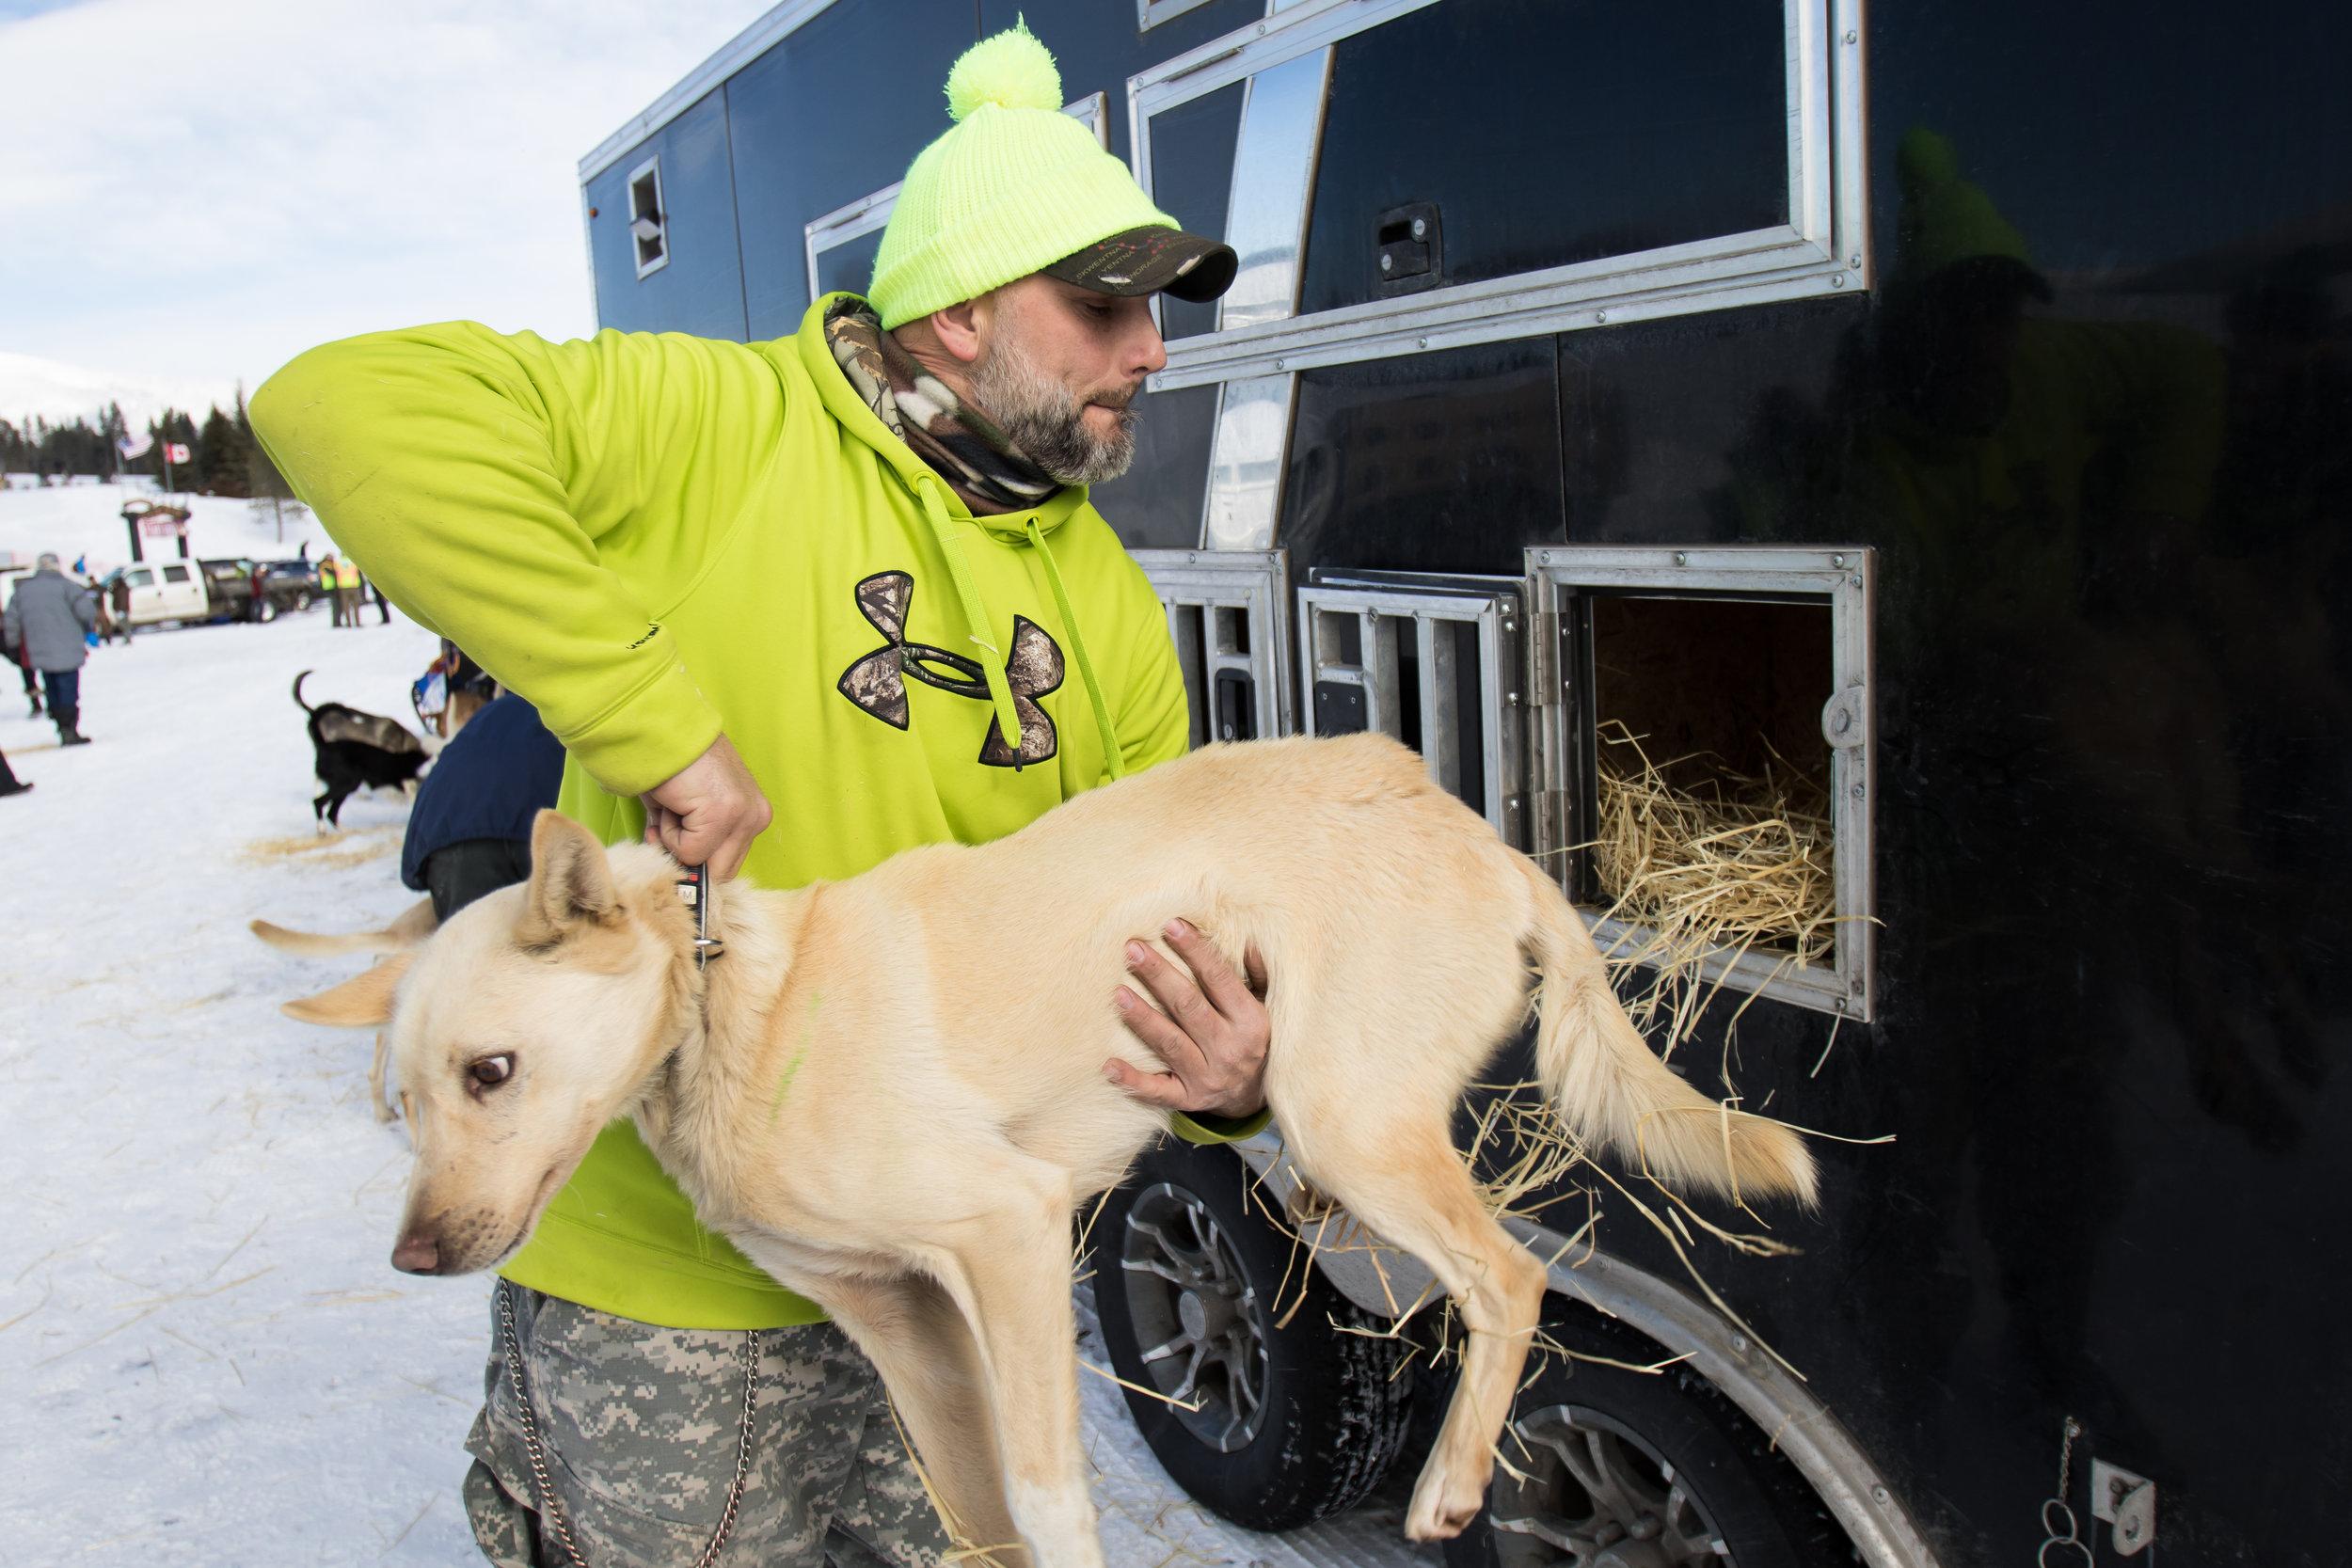 Handler James Pilcher unloads a dog from his team's truck.